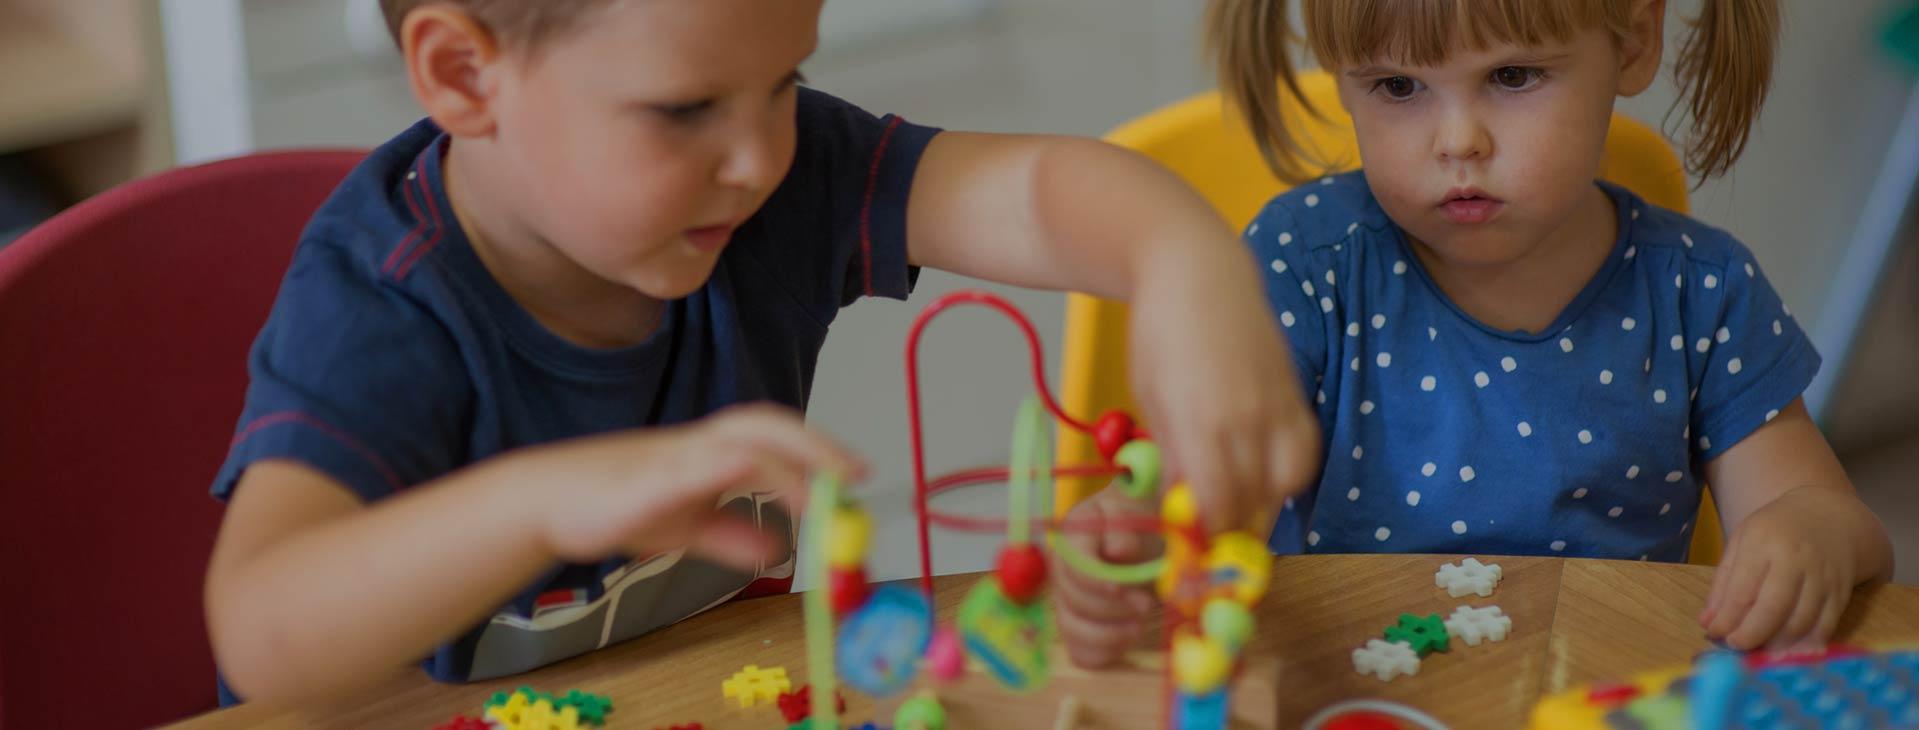 Am Montag, 18. Januar 2021 findet im Kindergarten die Anmeldung für das neue Kindergartenjahr statt.